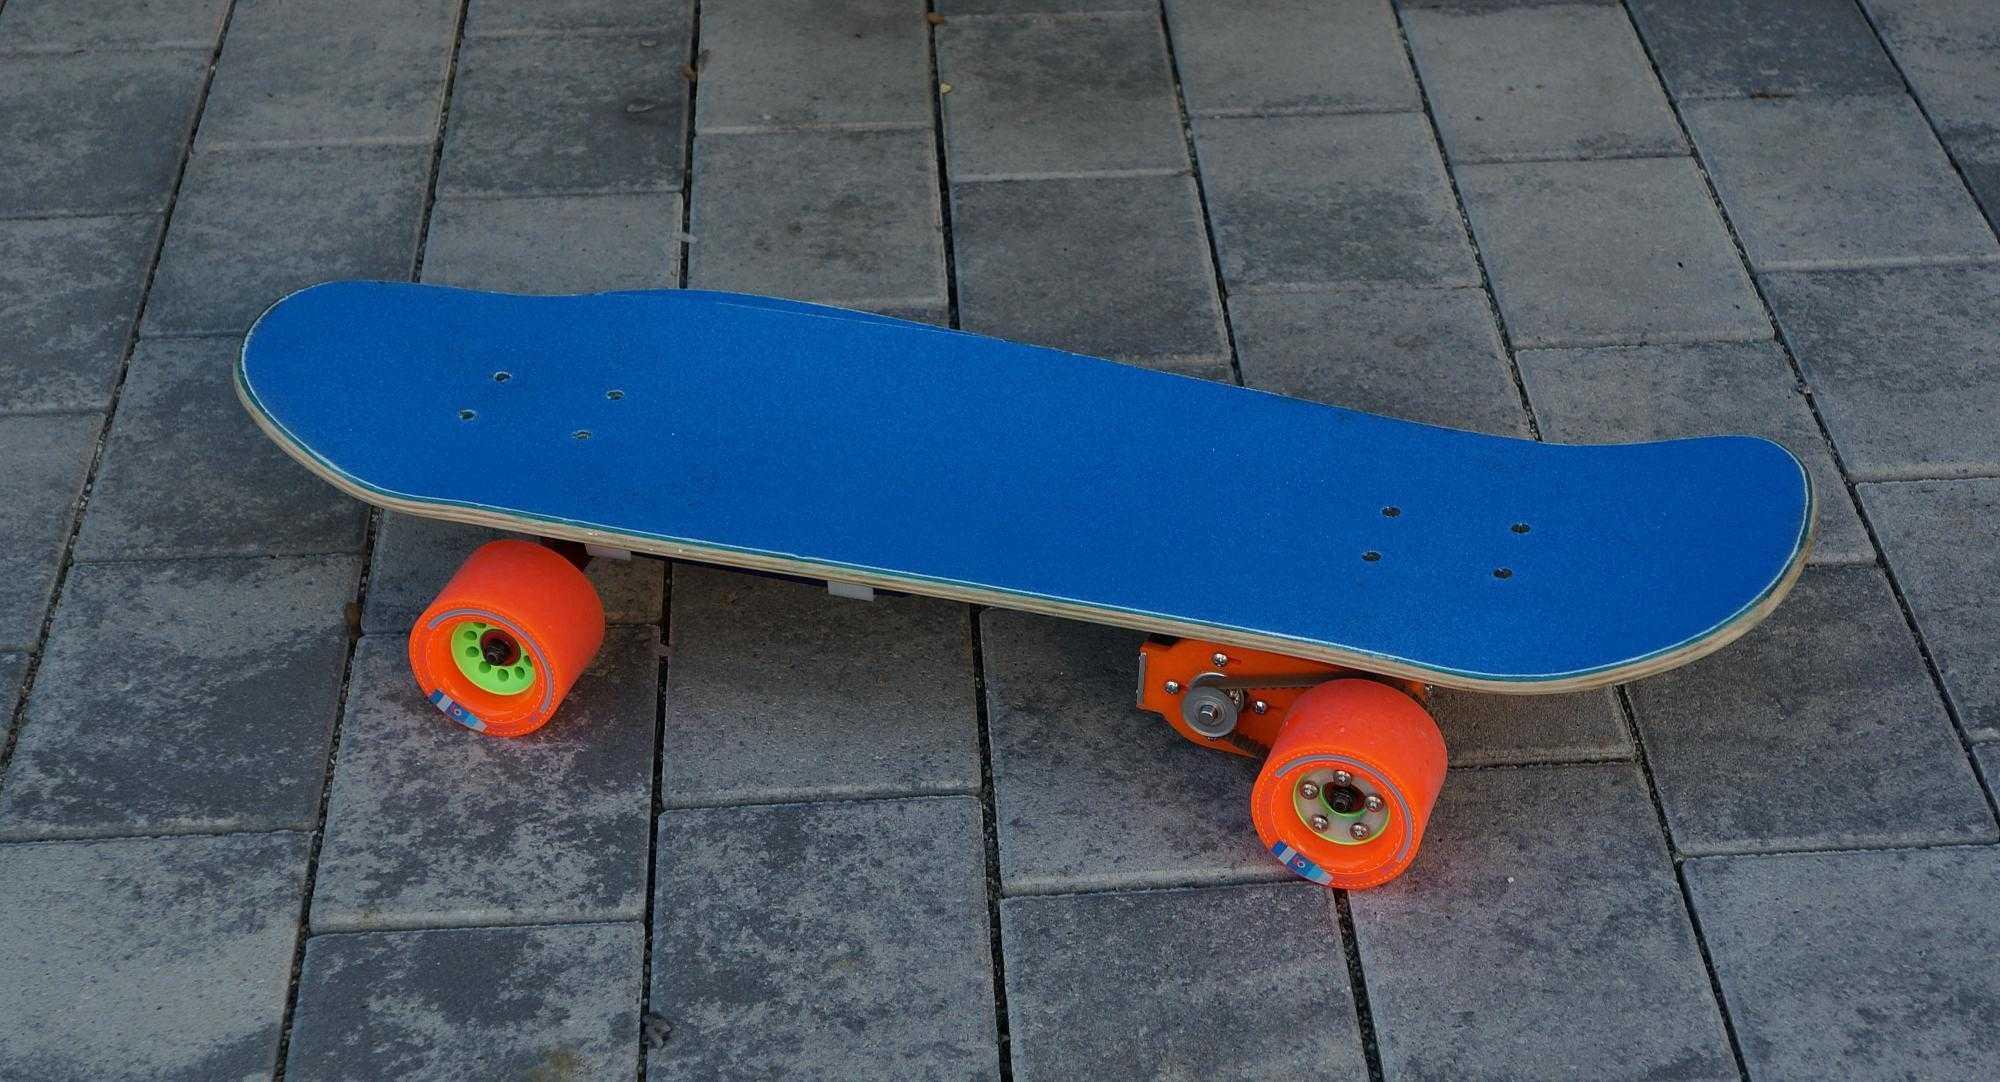 Ein blaues Skateboard mit Elektroantrieb